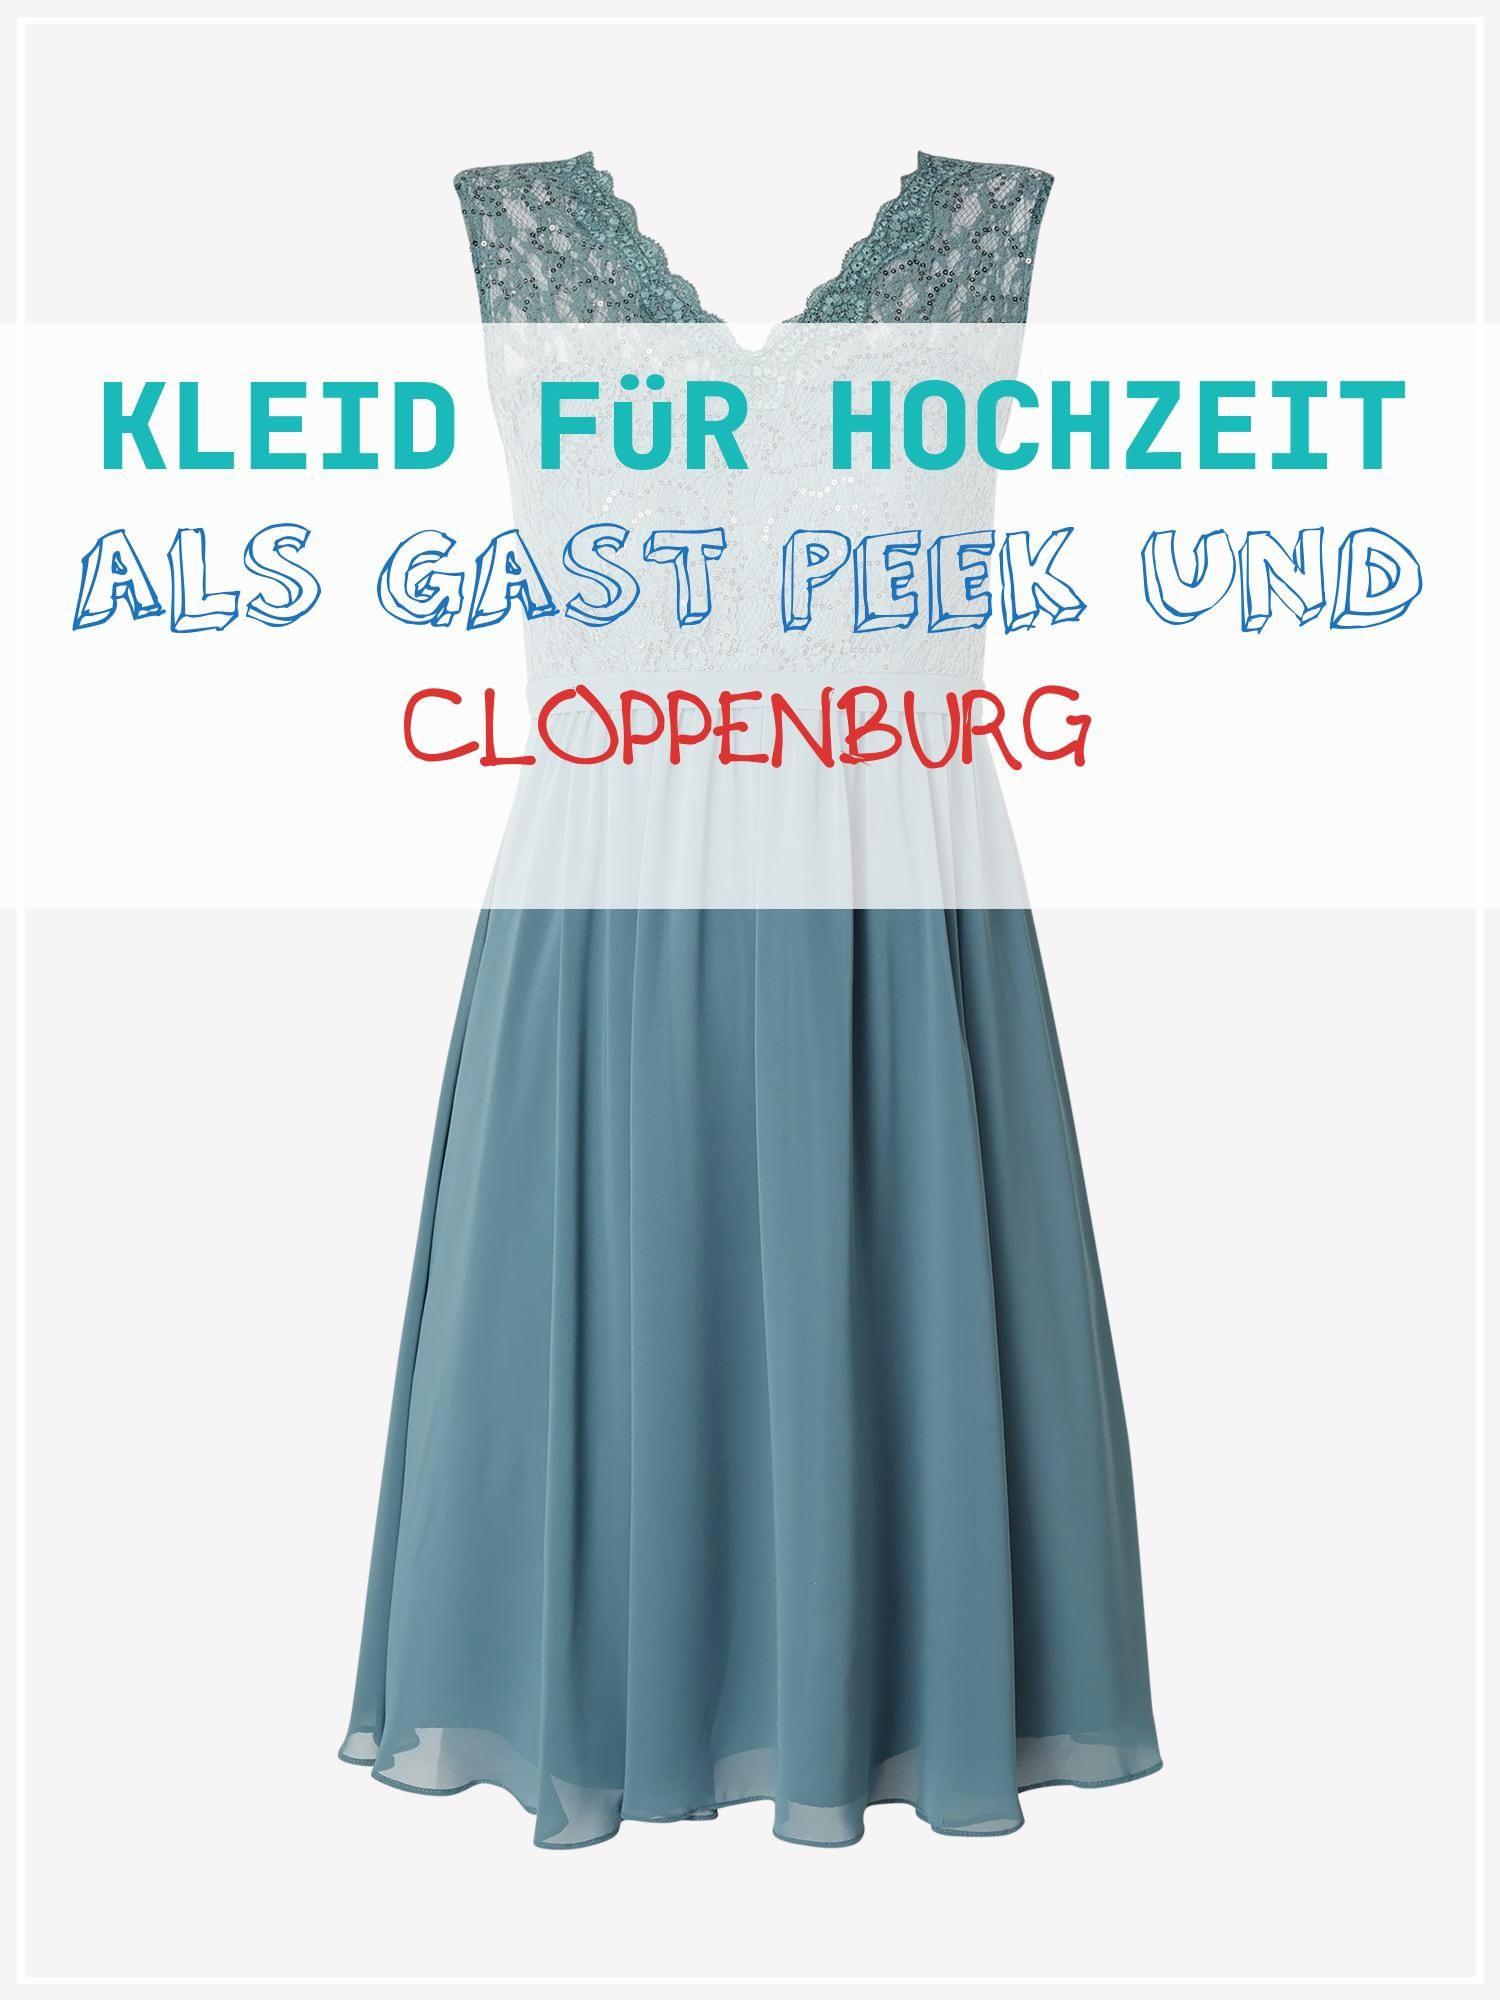 Perfect 15 Kleid Für Hochzeit Als Gast Peek Und Cloppenburg